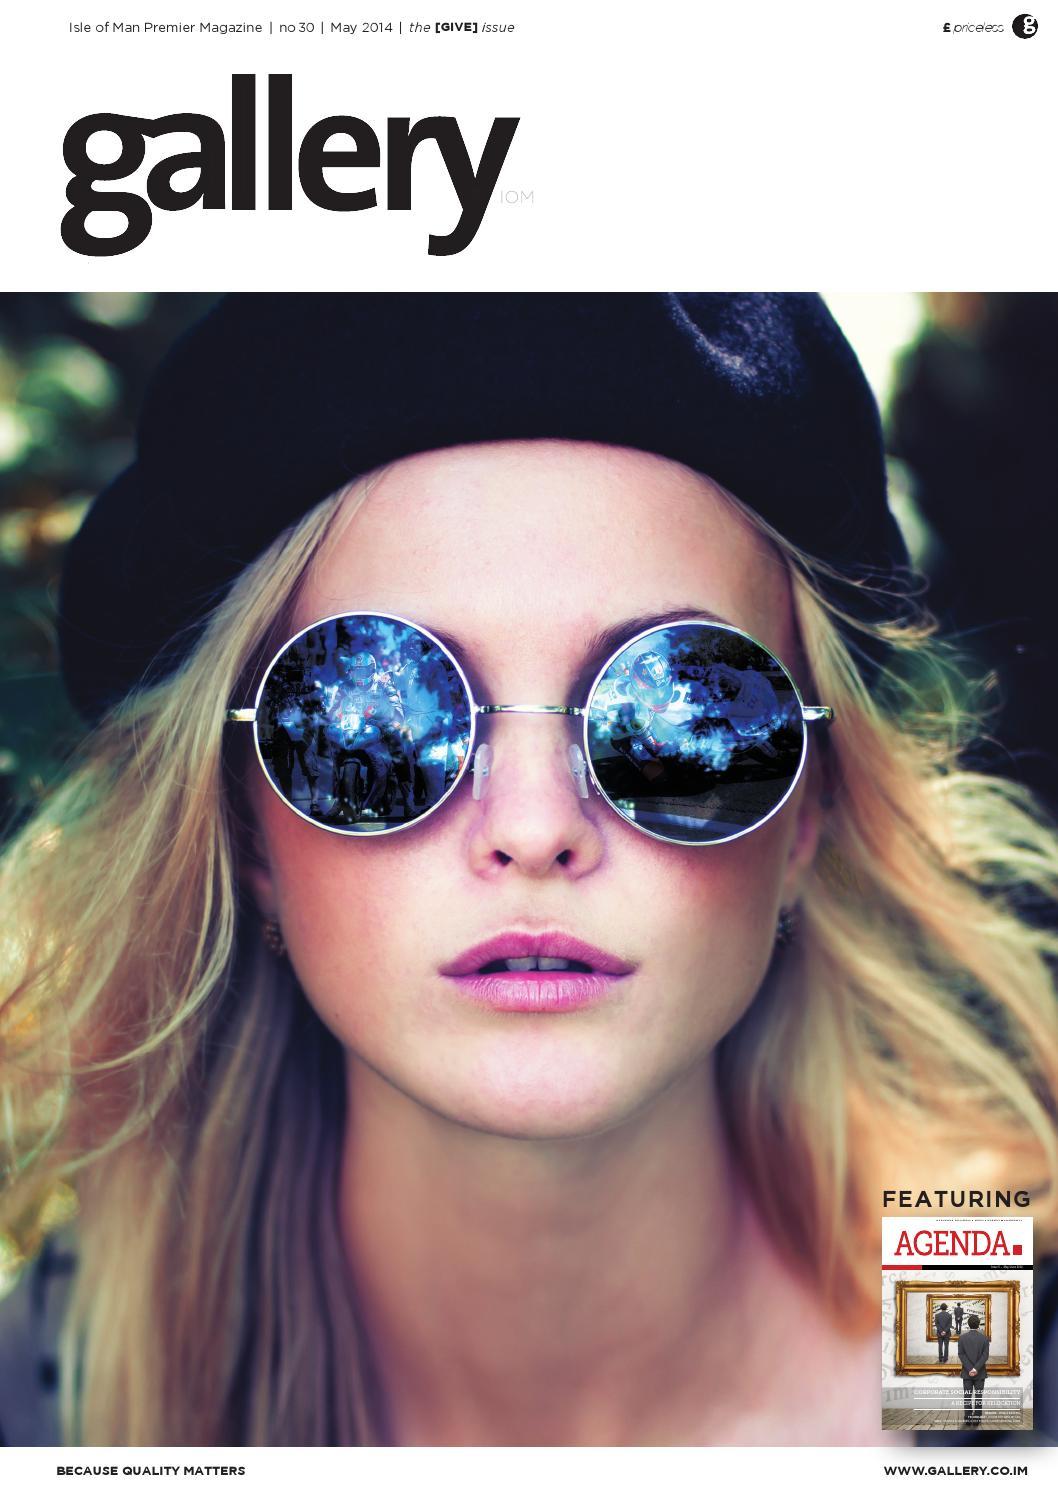 Teen Selfie Uk Iom - Cuckold - Fromtheinsideoutus-4407